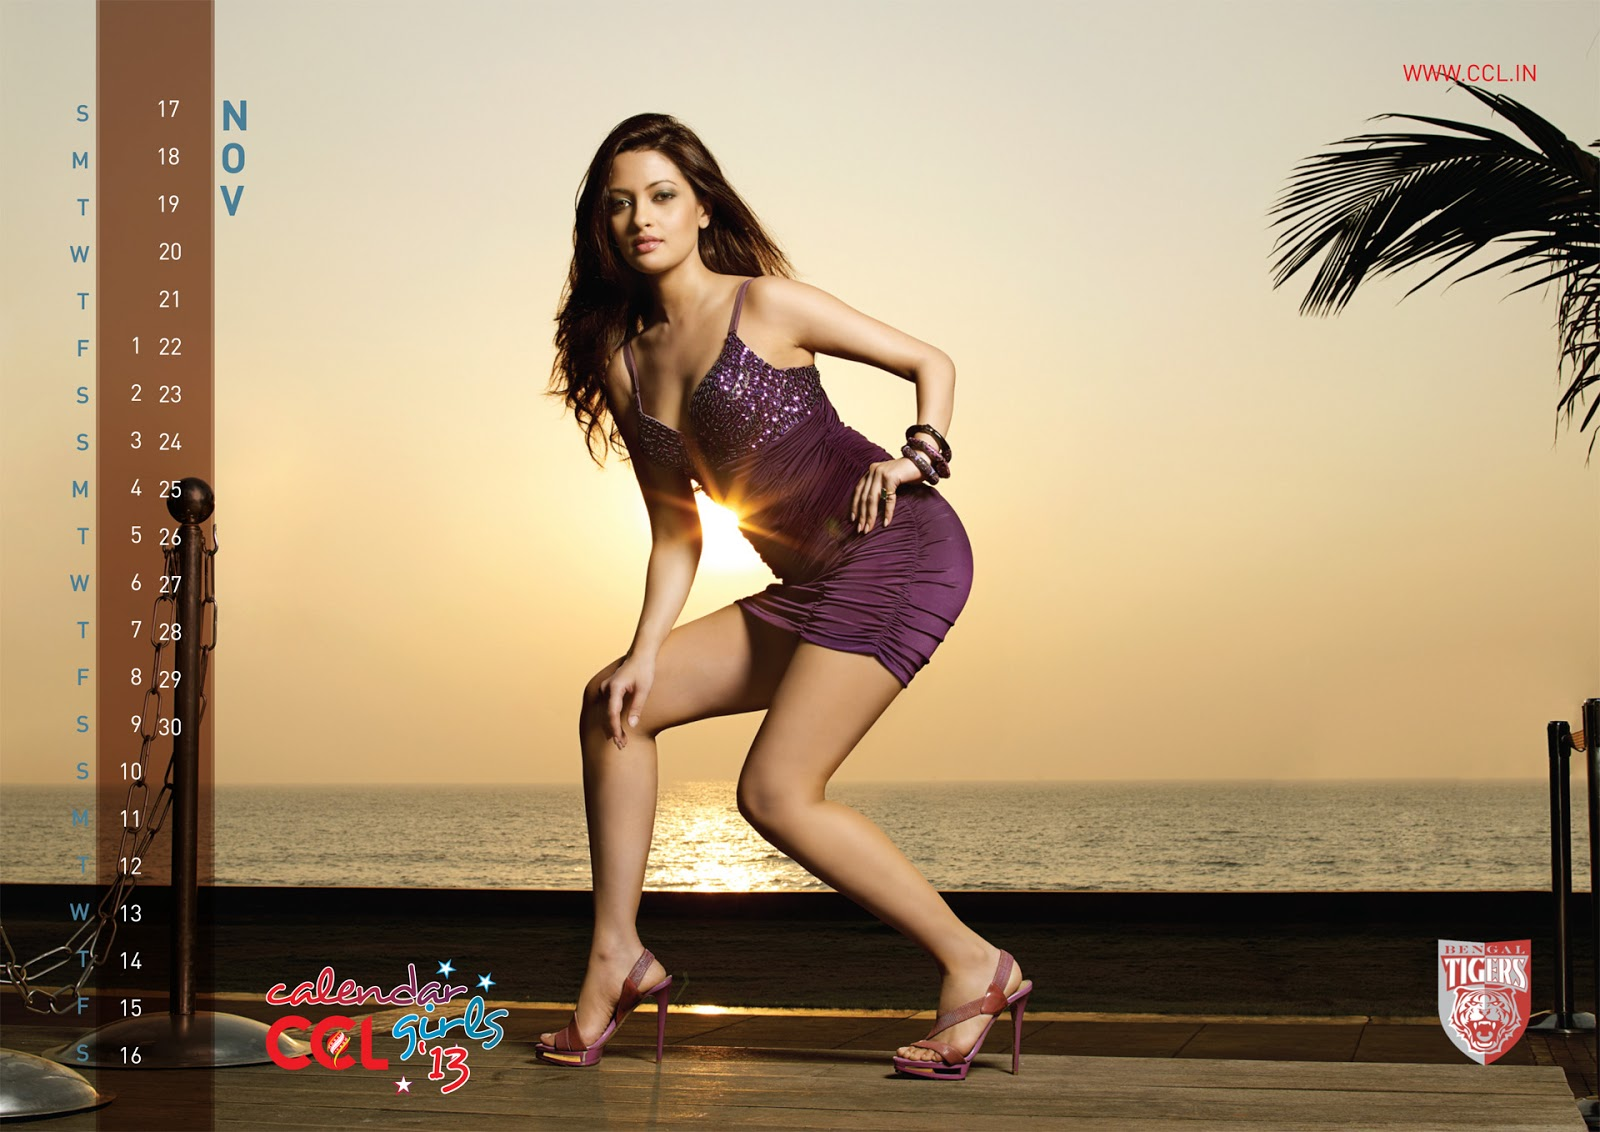 Celebrity Cricket League (CCL) Calendar Girls 2013 Hot ...